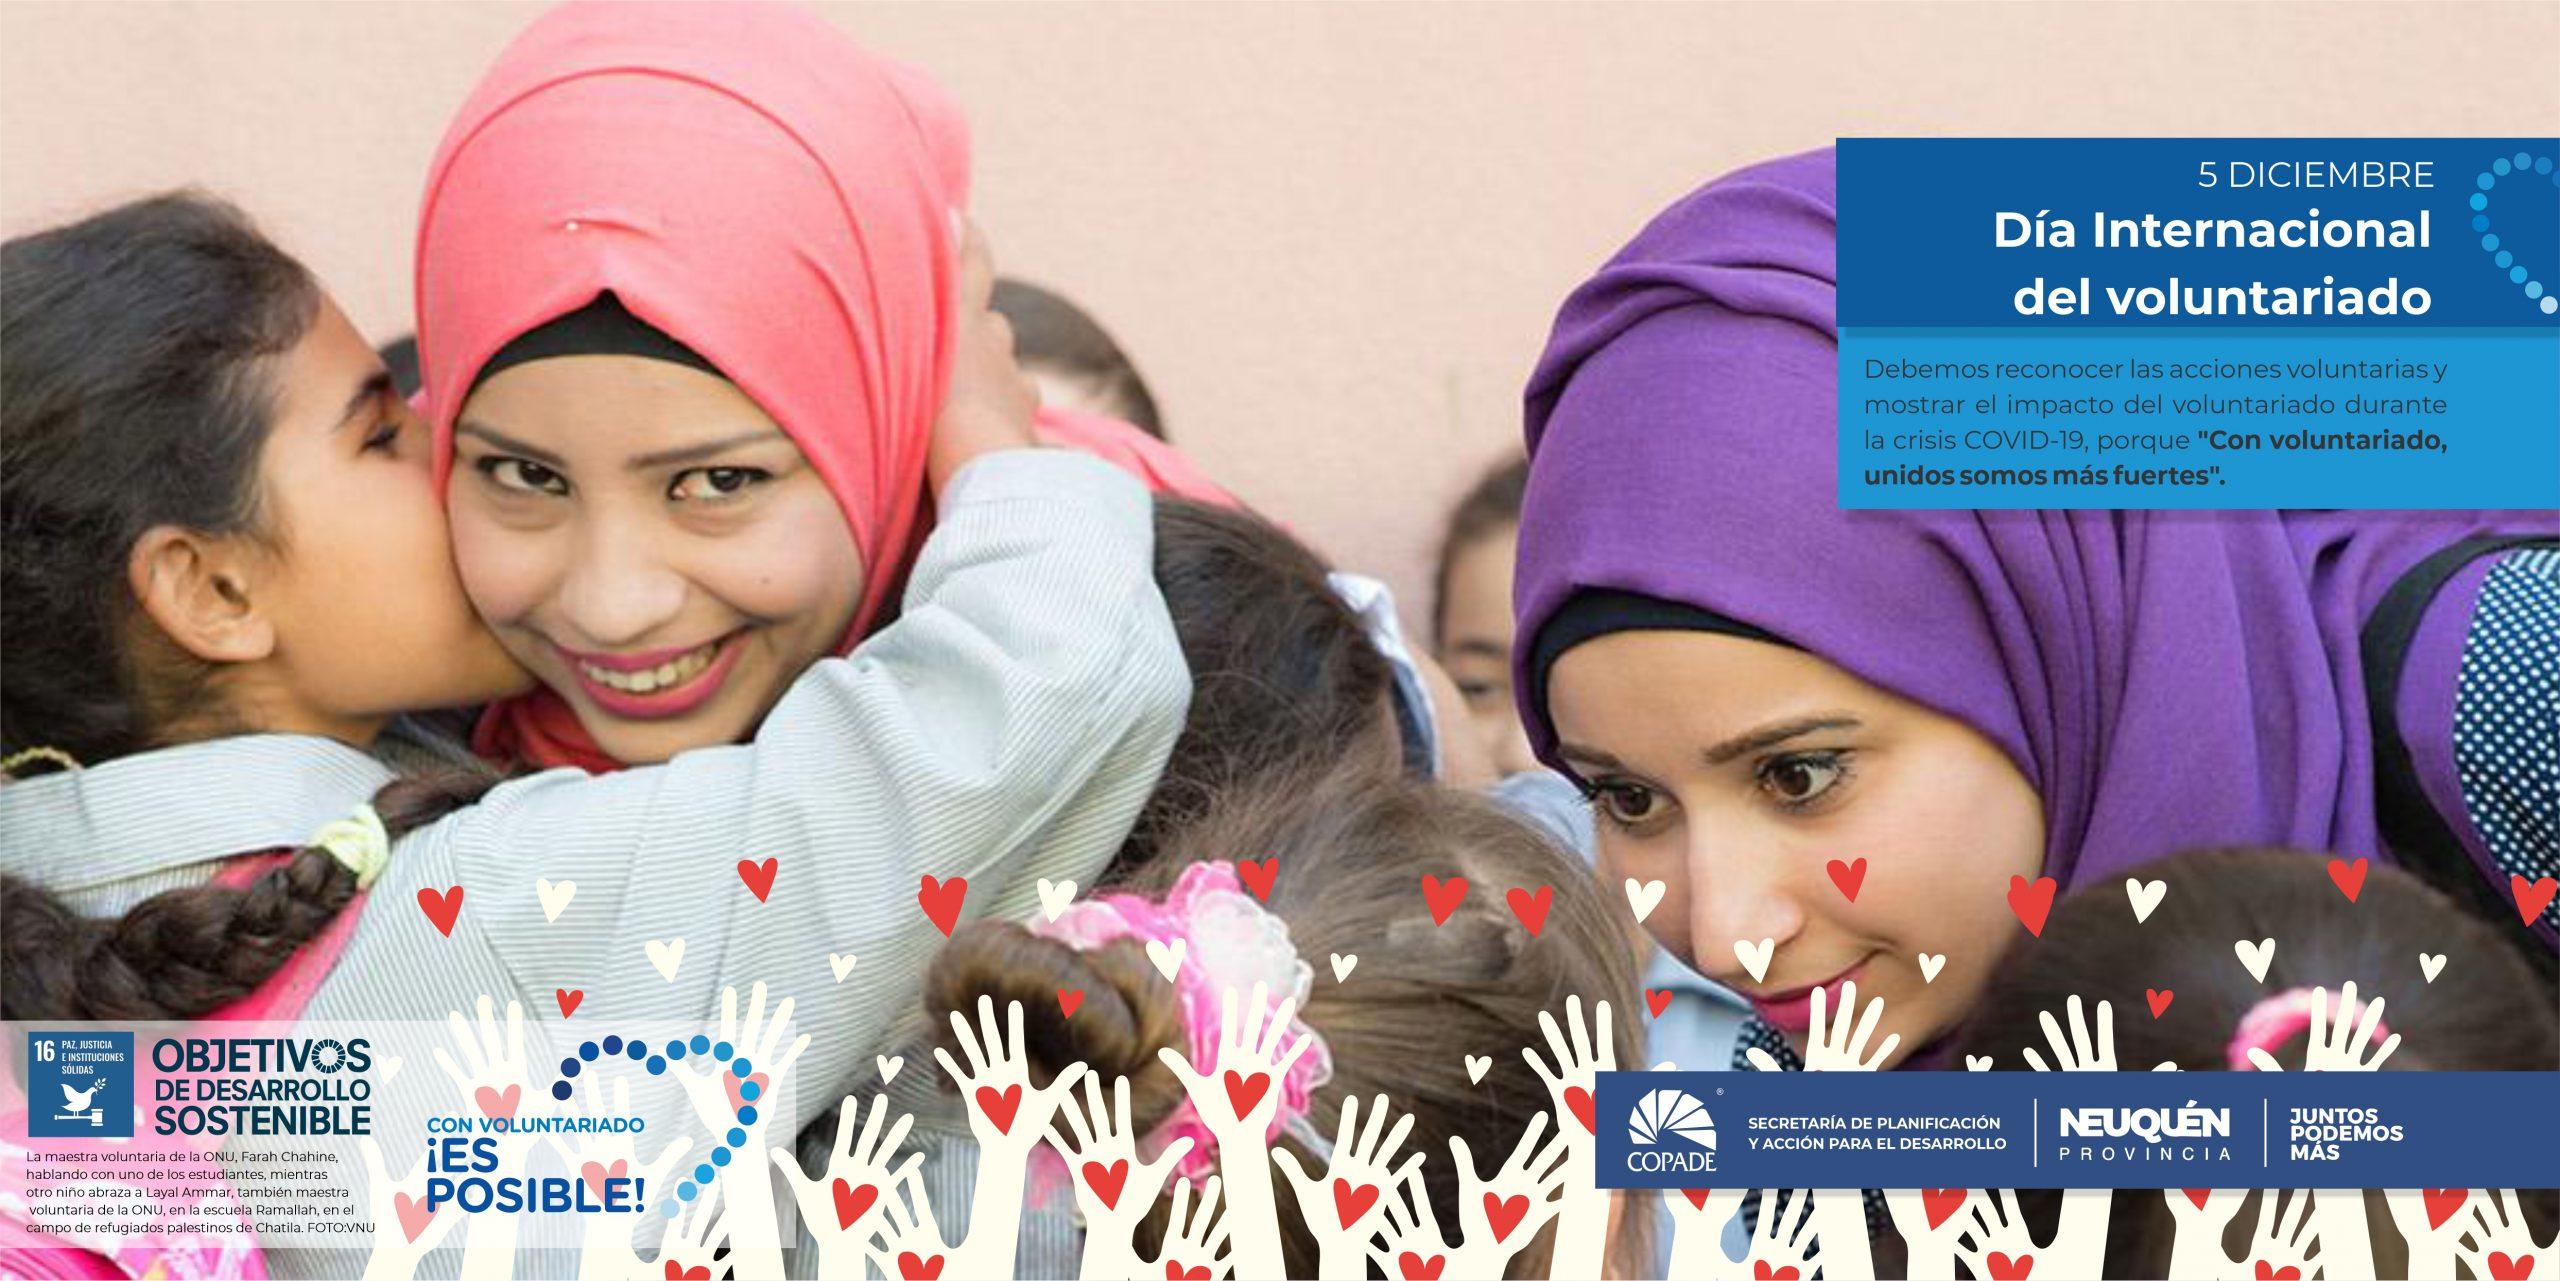 5 de Diciembre | Día internacional del voluntariado